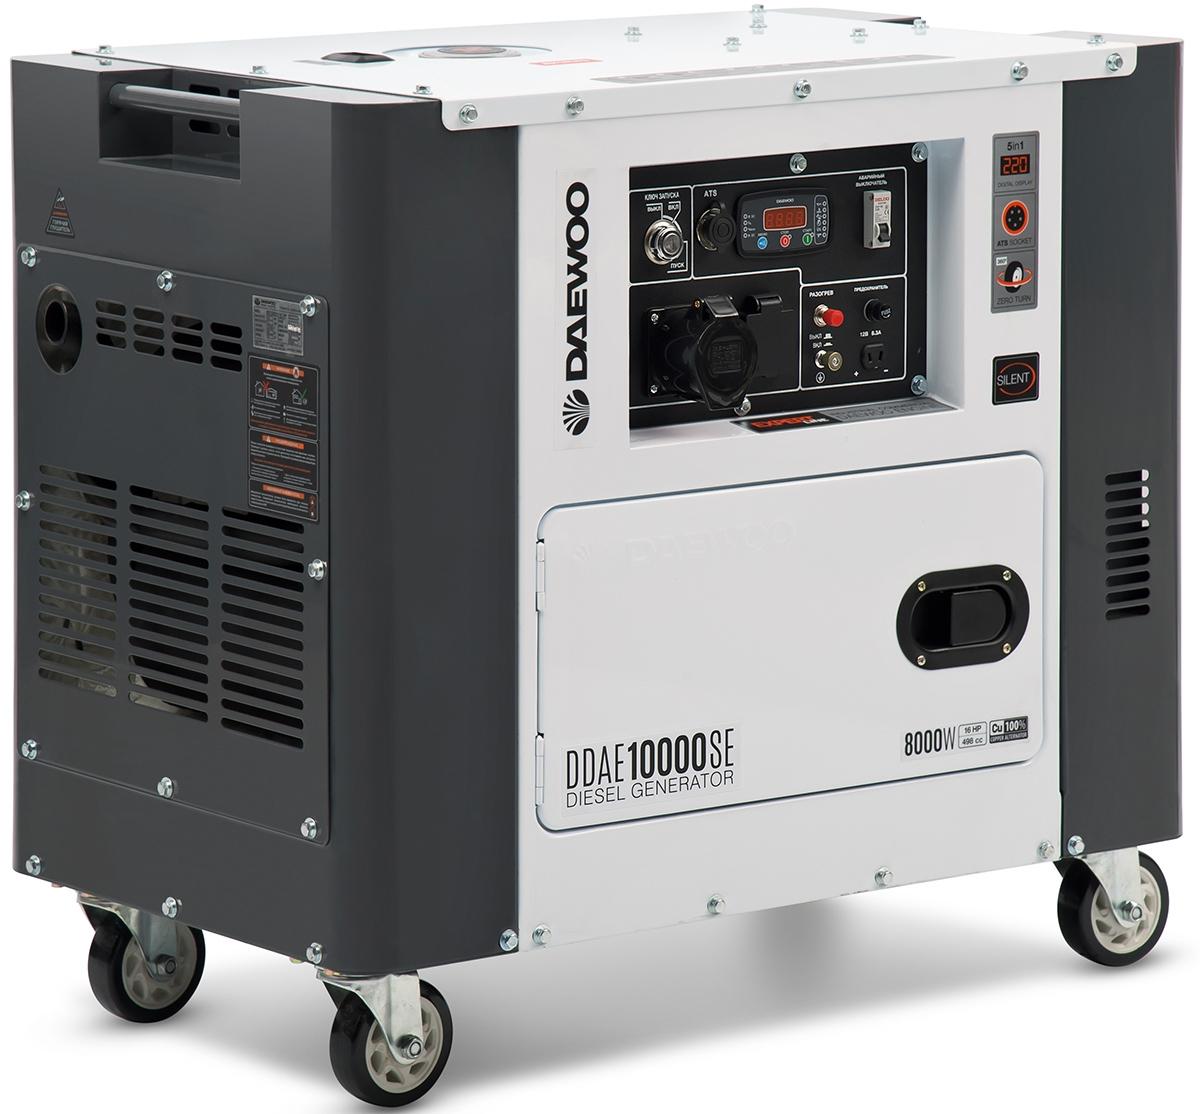 Электрогенератор Daewoo DDAE 10000SEЭлектрогенераторы<br>Дизельный генератор DAEWOO DDAE10000SE имеет в своей конструкции мощный 4-х тактный дизельный двигатель с моторесурсом более 2000 часов. Система SuperSilent подавляет шум, который производит агрегат во время работы, до 66 дБ. Многочисленные отверстия в корпусе модели защищают устройство от перегрева. Модуль управления имеет встроенный микропроцессор, который позволяет контролировать встроенные функции. Стабильность работы, а также возможность экономии топлива до 15 % достигается за счет наличия топливного насоса высокого давления и форсунки особой формы....<br><br>Тип электростанции: дизельная<br>Тип запуска: электрический<br>Число фаз: 1 (220 вольт)<br>Объем двигателя: 498 куб.см<br>Мощность двигателя: 16 л.с.<br>Тип охлаждения: воздушное<br>Объем бака: 15 л<br>Активная мощность, Вт: 7200<br>Звукоизоляционный кожух: есть<br>Защита от перегрузок: есть